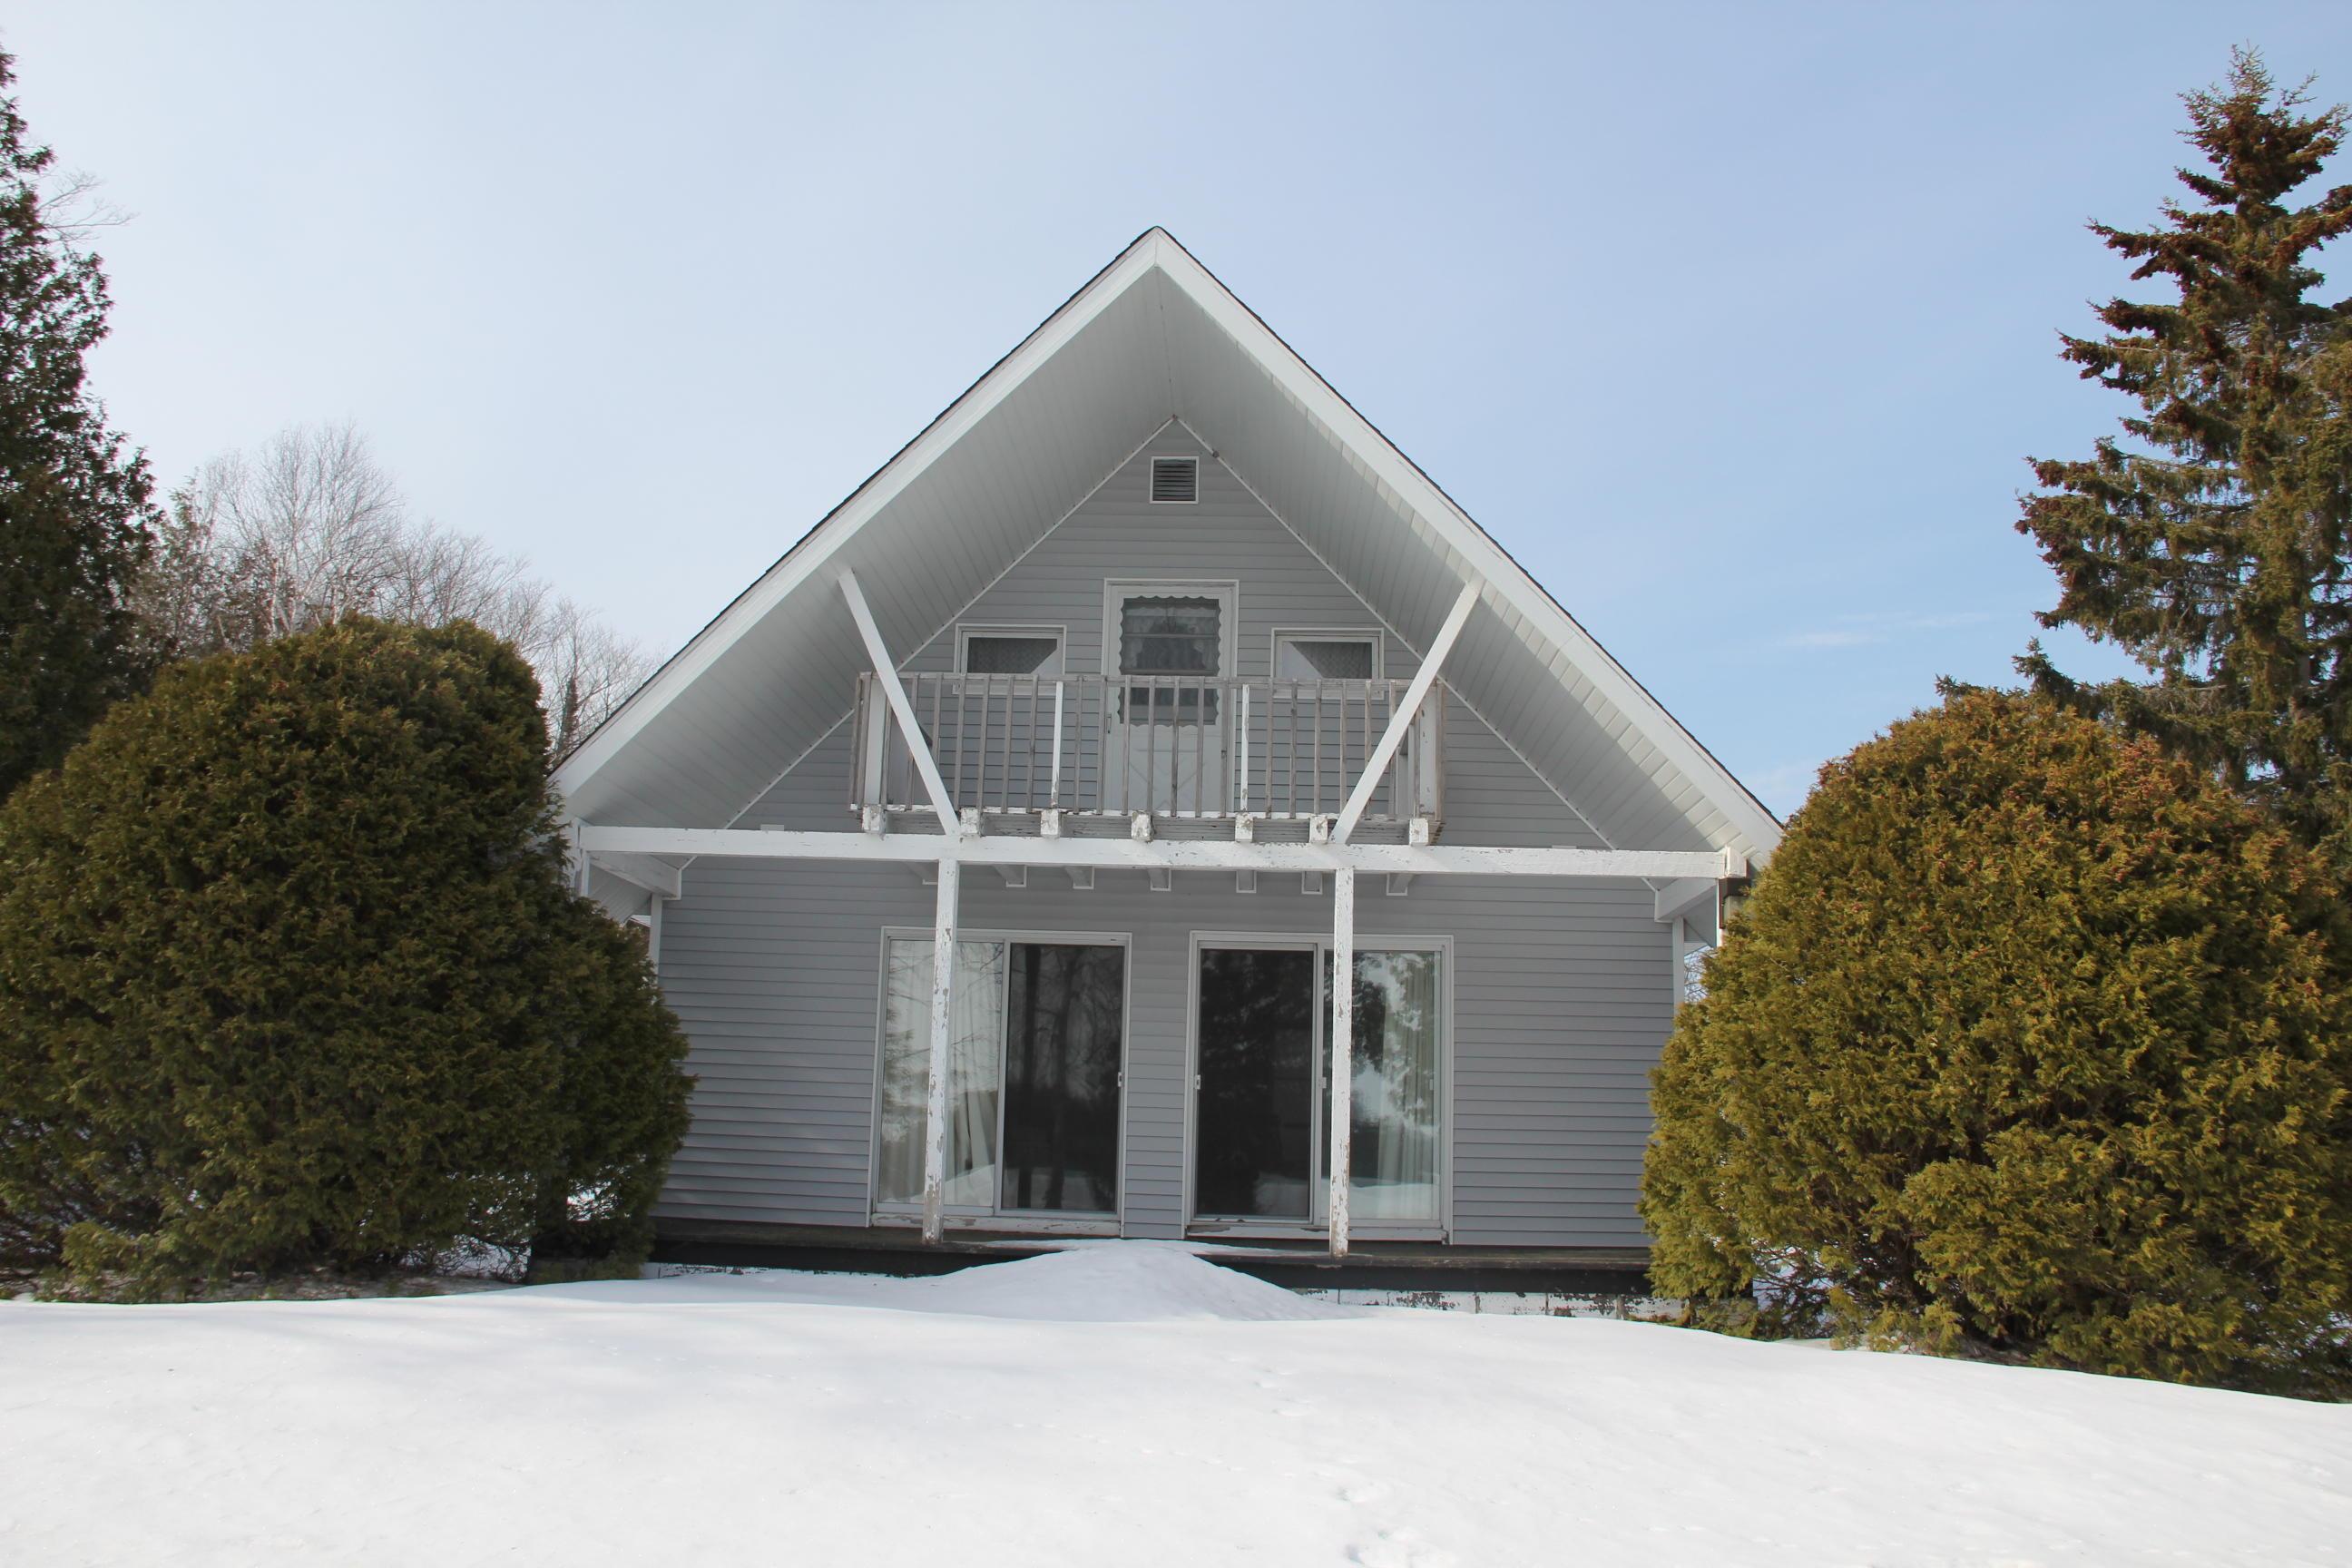 17325 E South Caribou Lake RD, De Tour Village, MI 49725